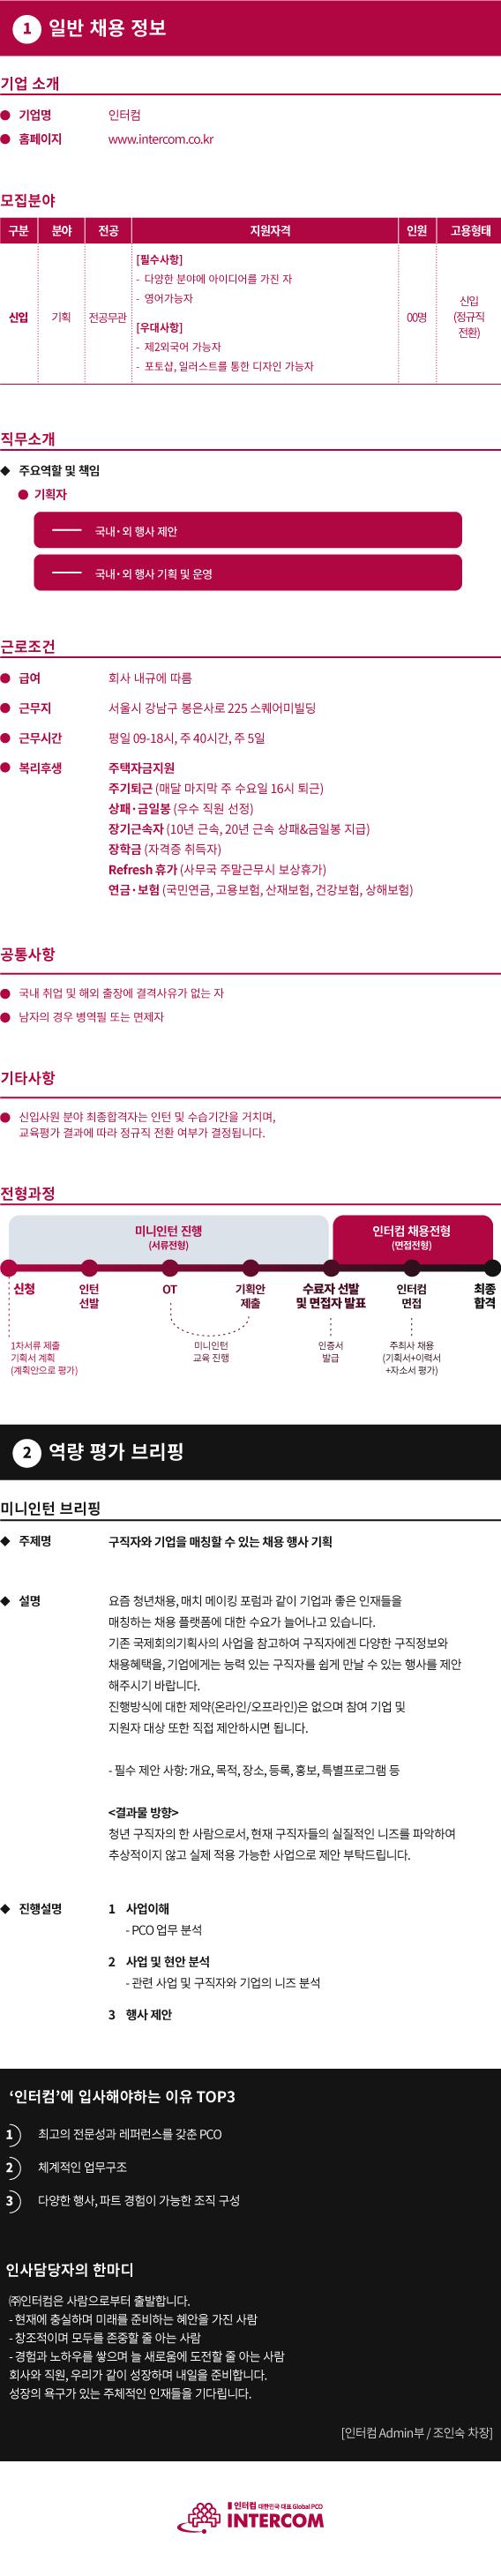 3기-인터컴.png